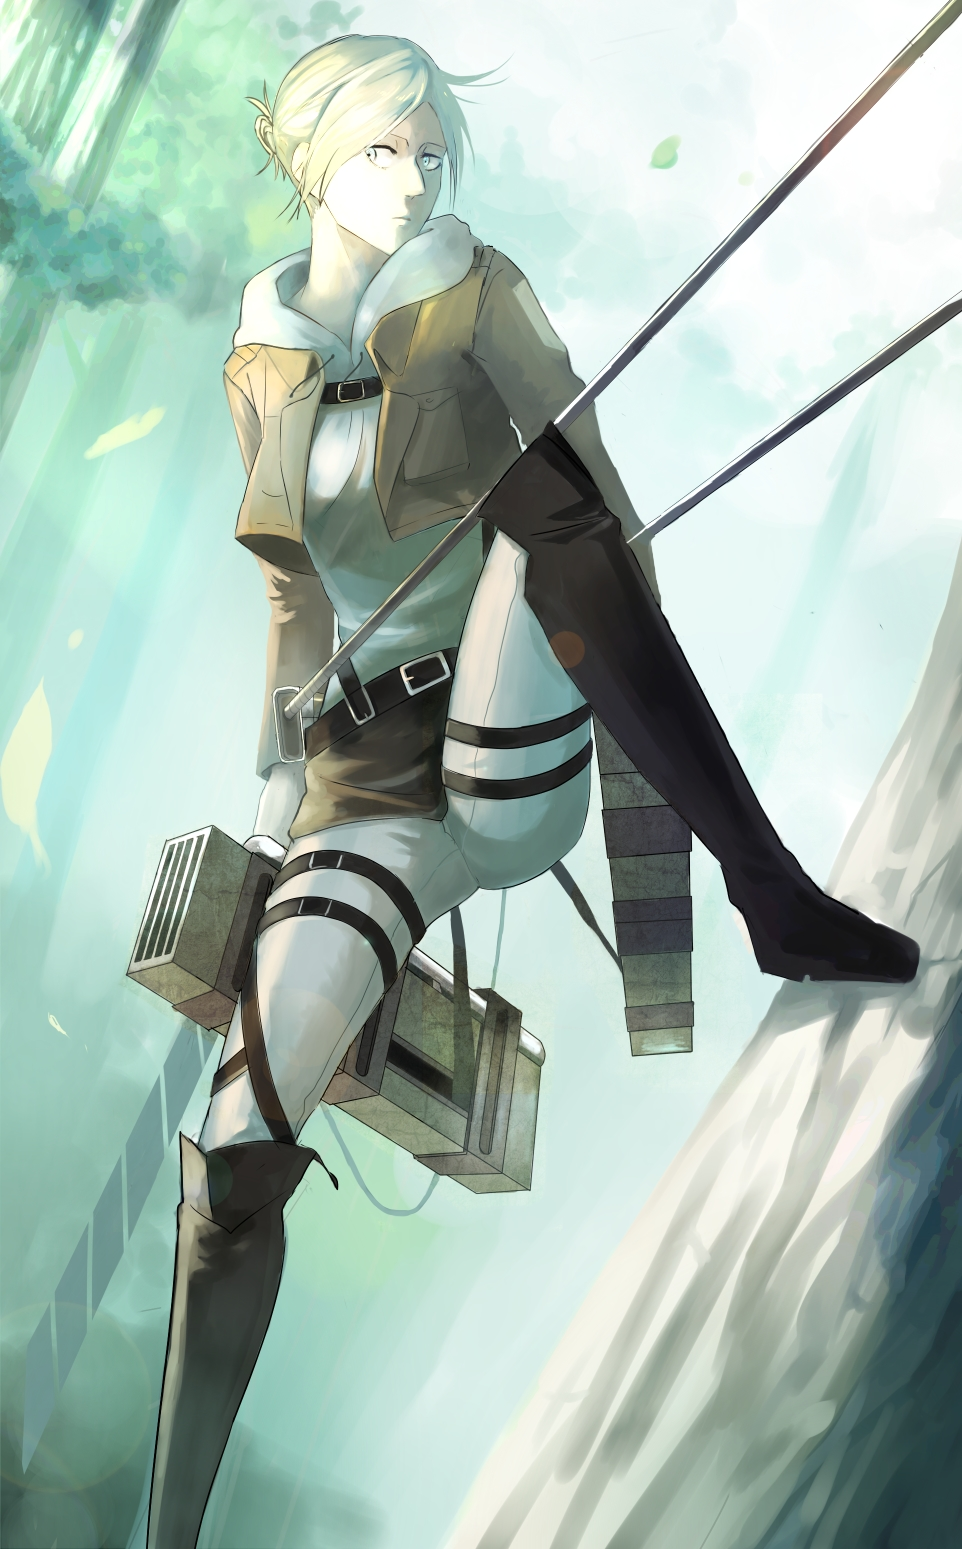 Annie Leonhardt Attack On Titan Mobile Wallpaper 1561216 Zerochan Anime Image Board